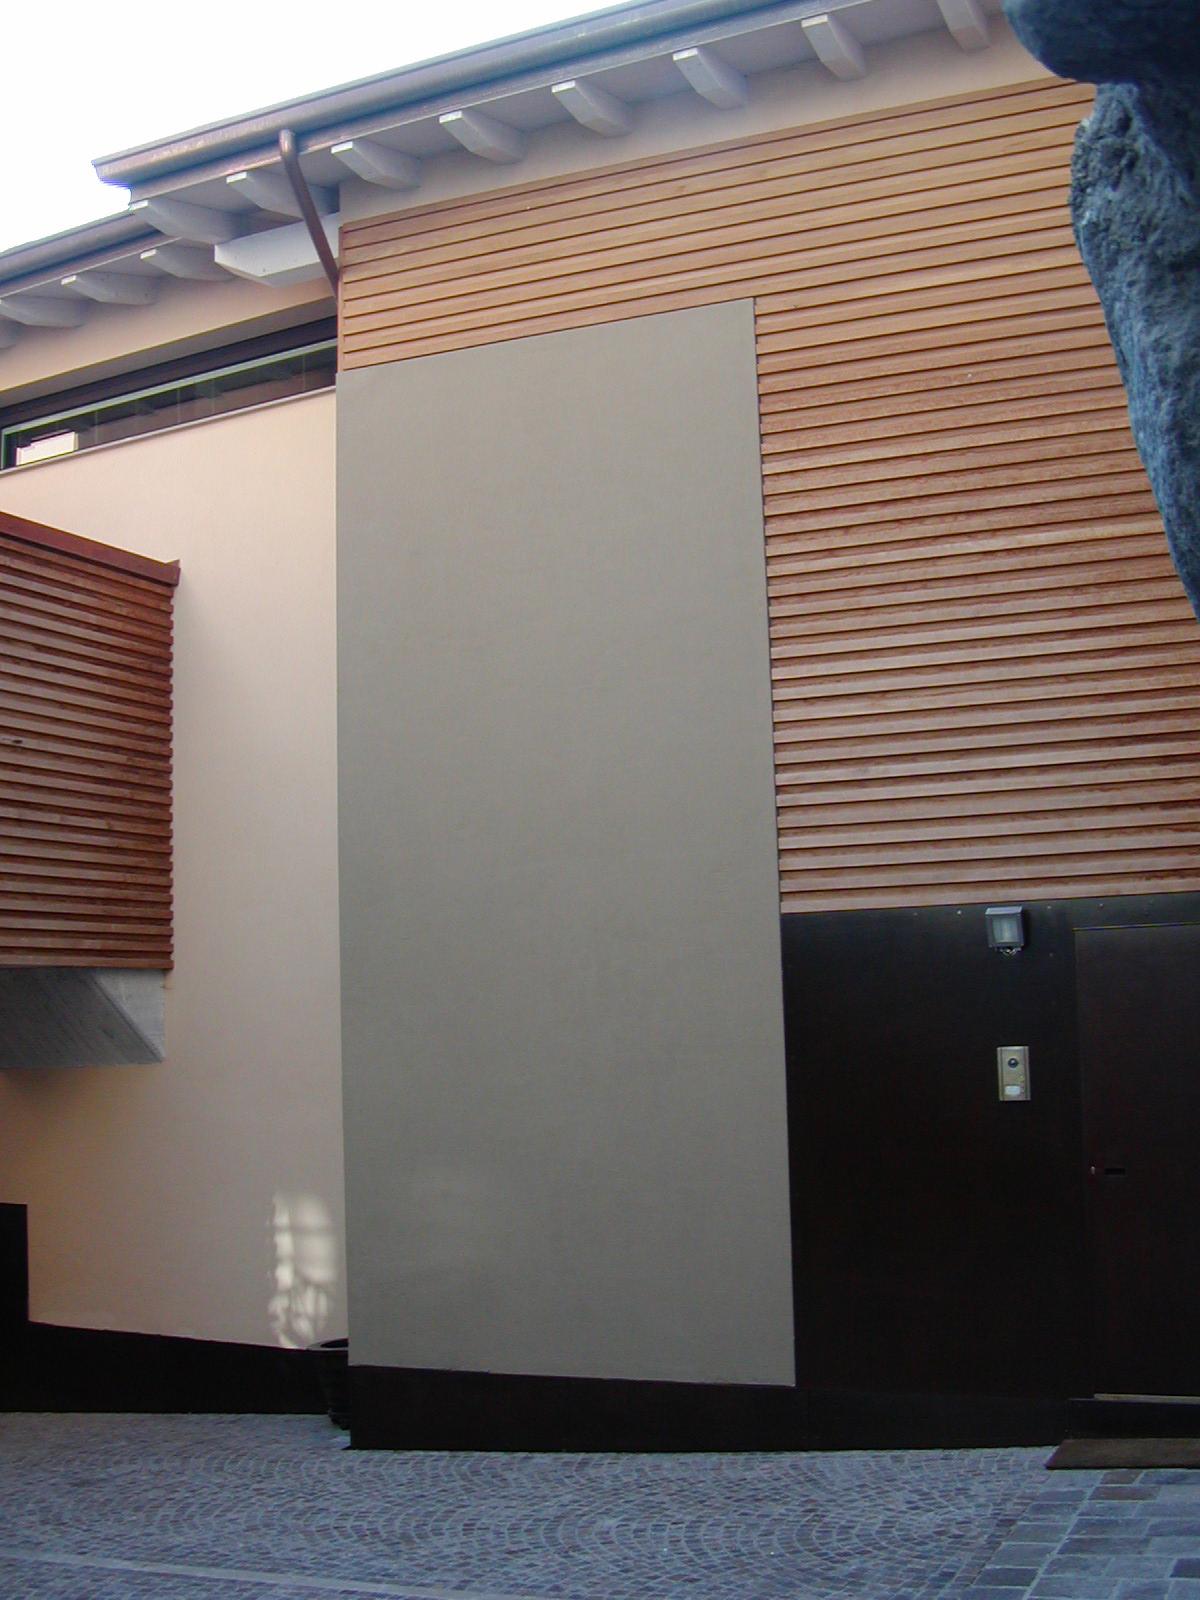 Studio-di-architettura-Baisotti-Sigala-prgetti137